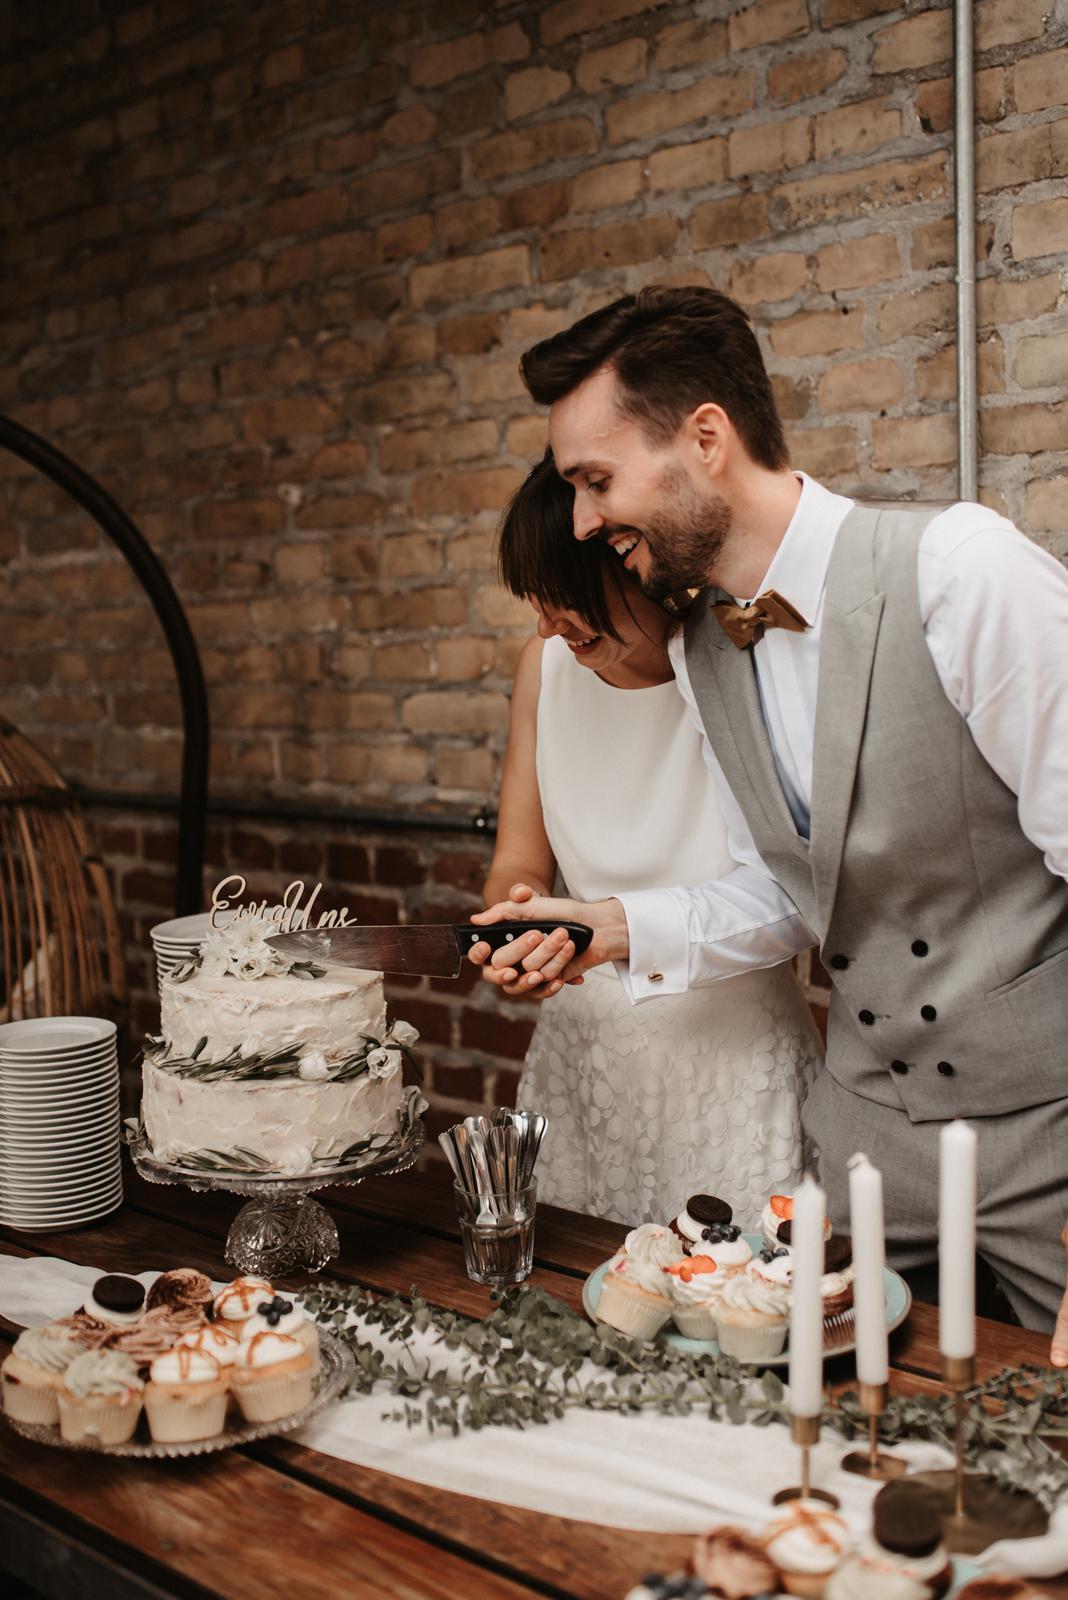 Hochzeitsbuffet, Brautpaar beim Tortenanschnitt